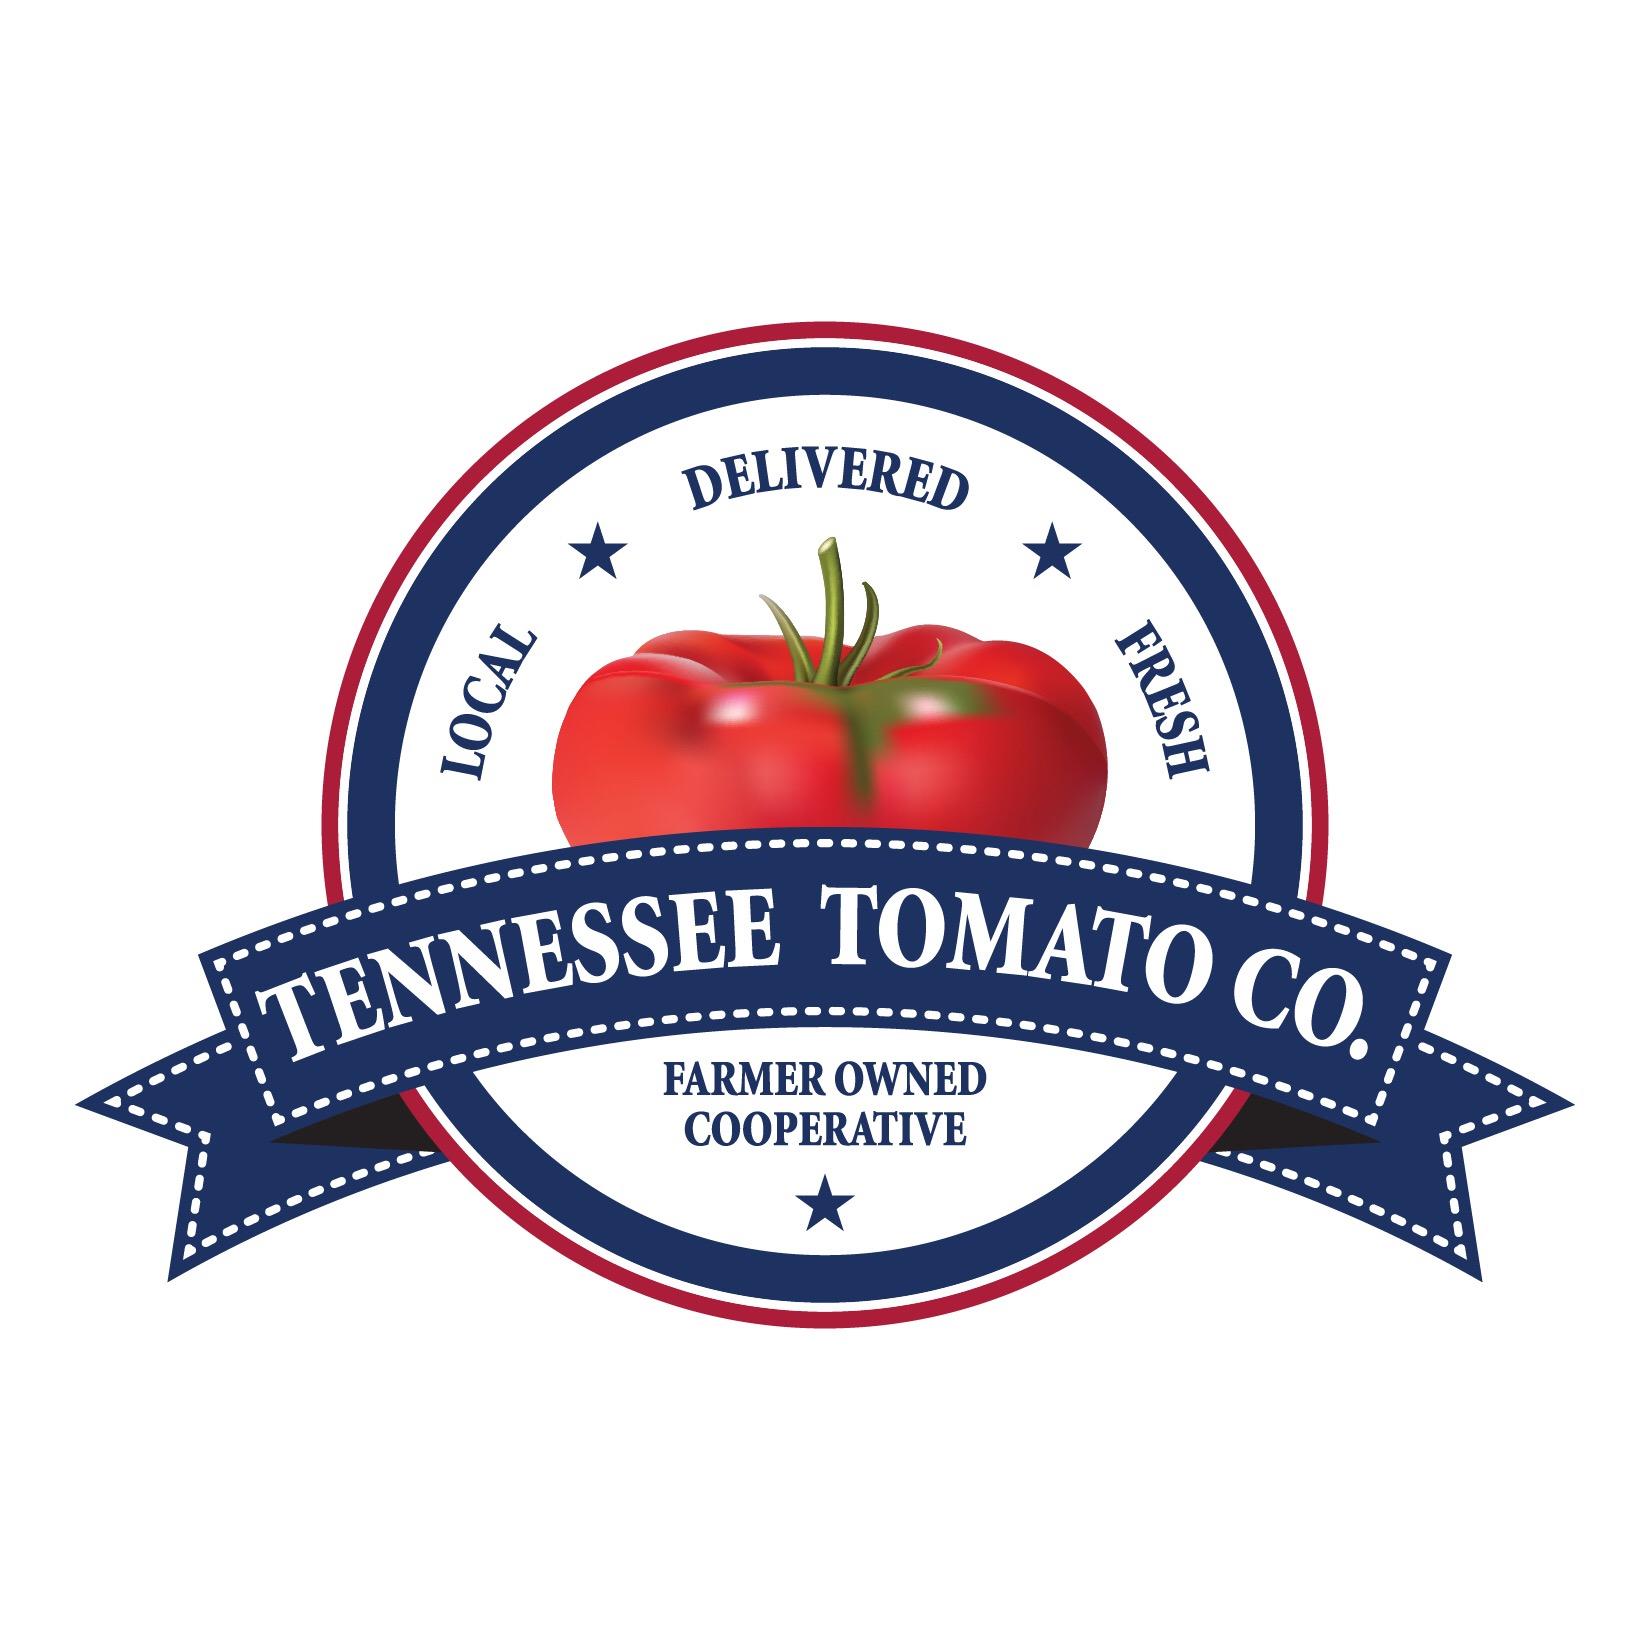 Tennessee Tomato Company